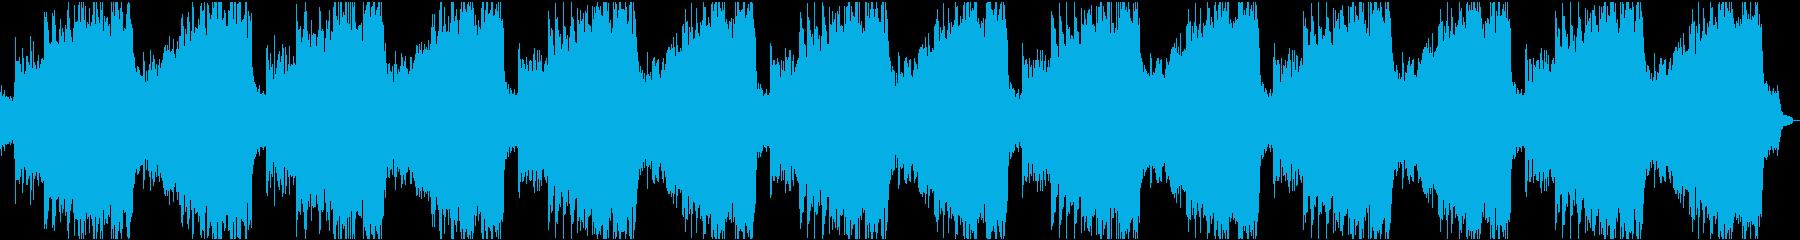 企業VP29 16分16bit48kHzの再生済みの波形